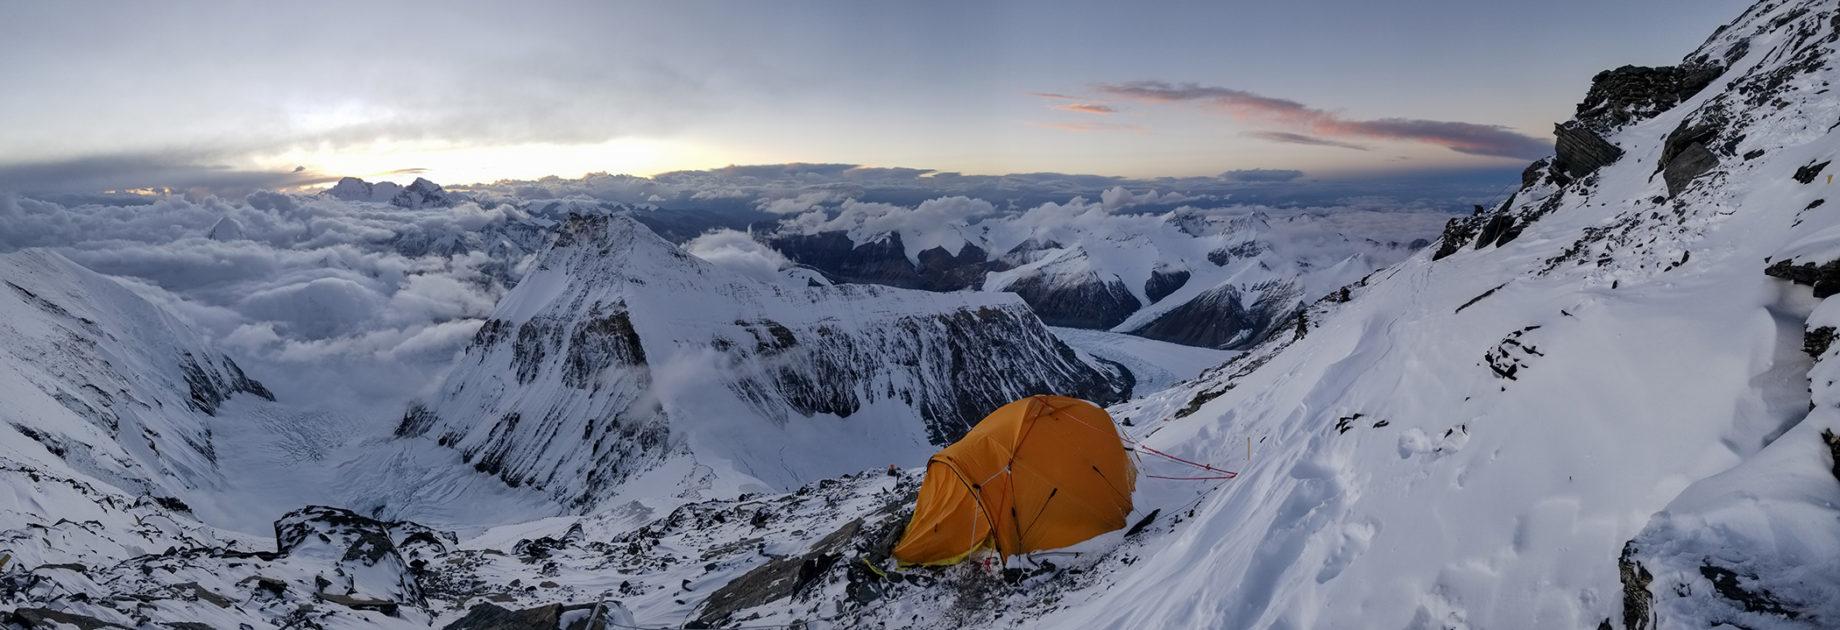 Himalaje w obiektywie Cory Richardsa